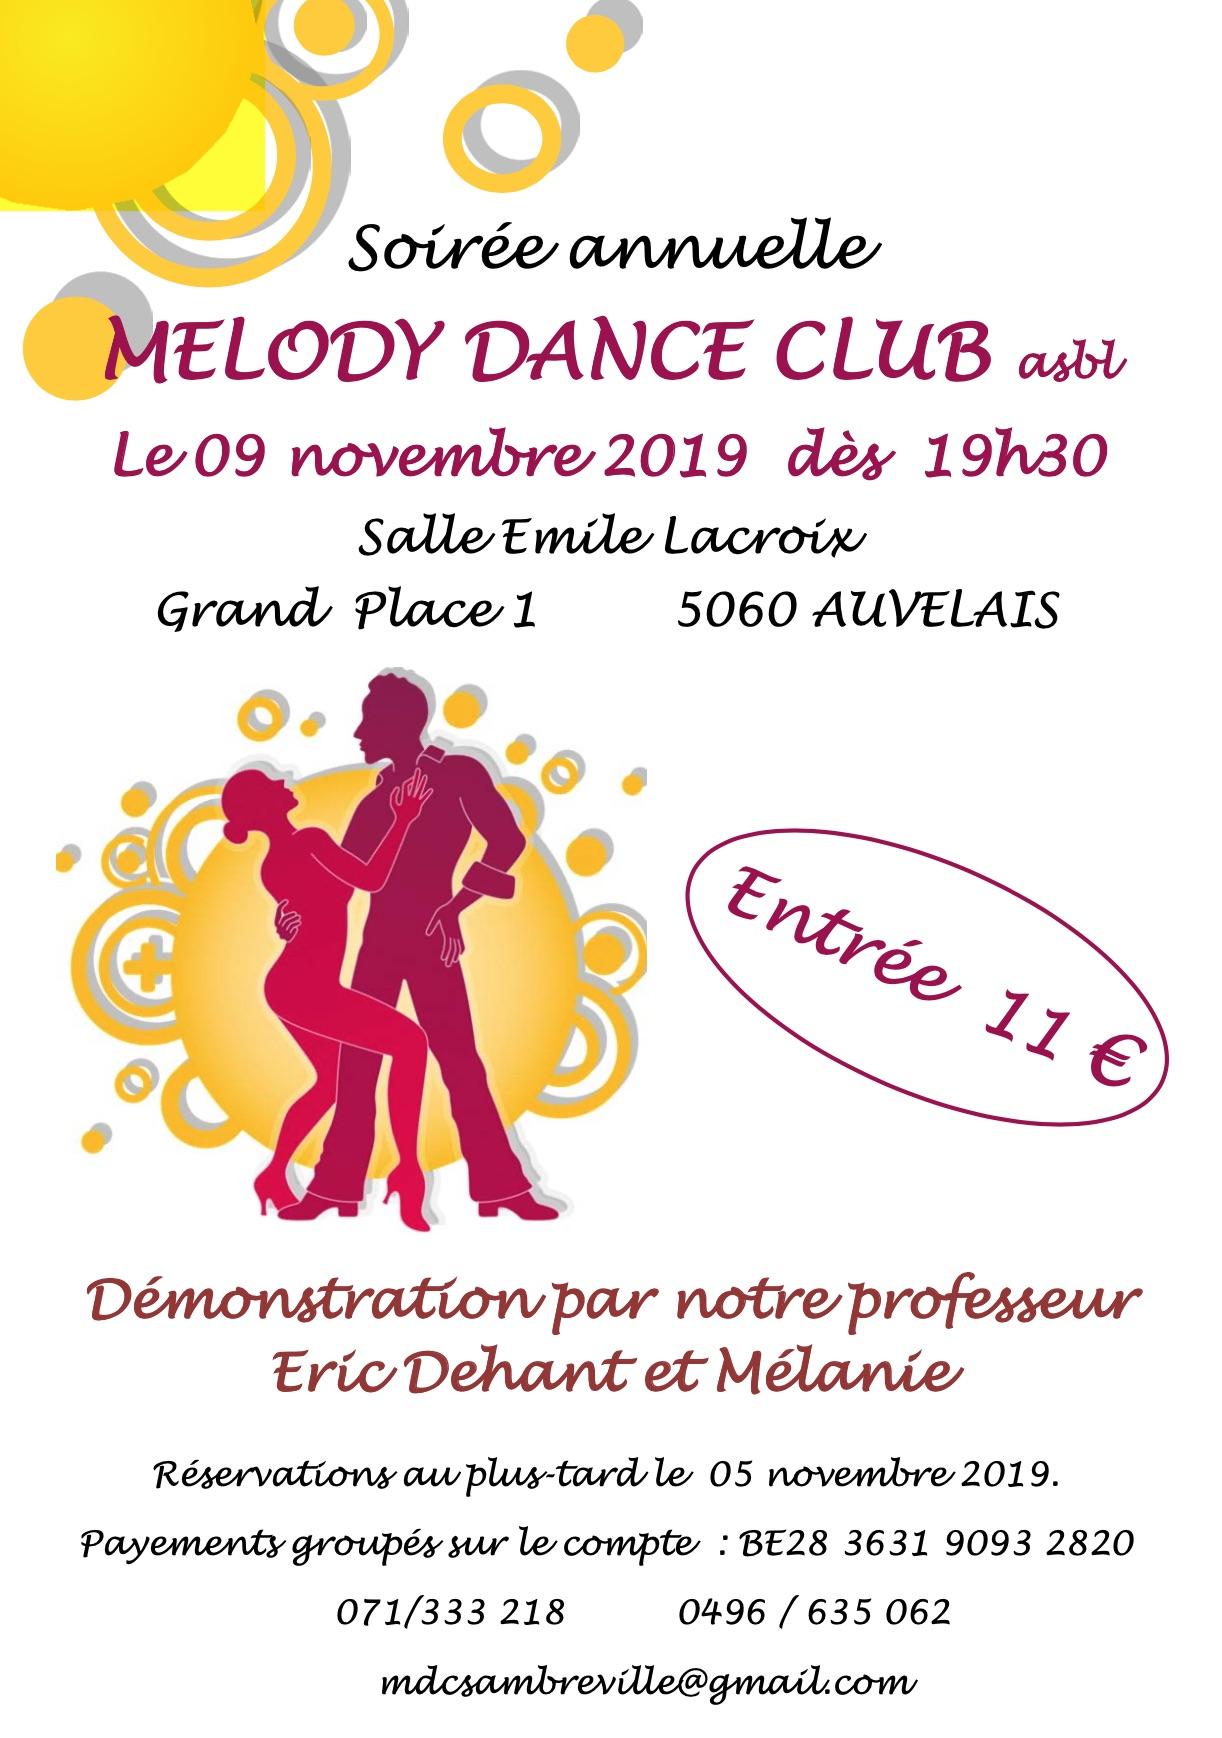 2019 11 19 melody dance club